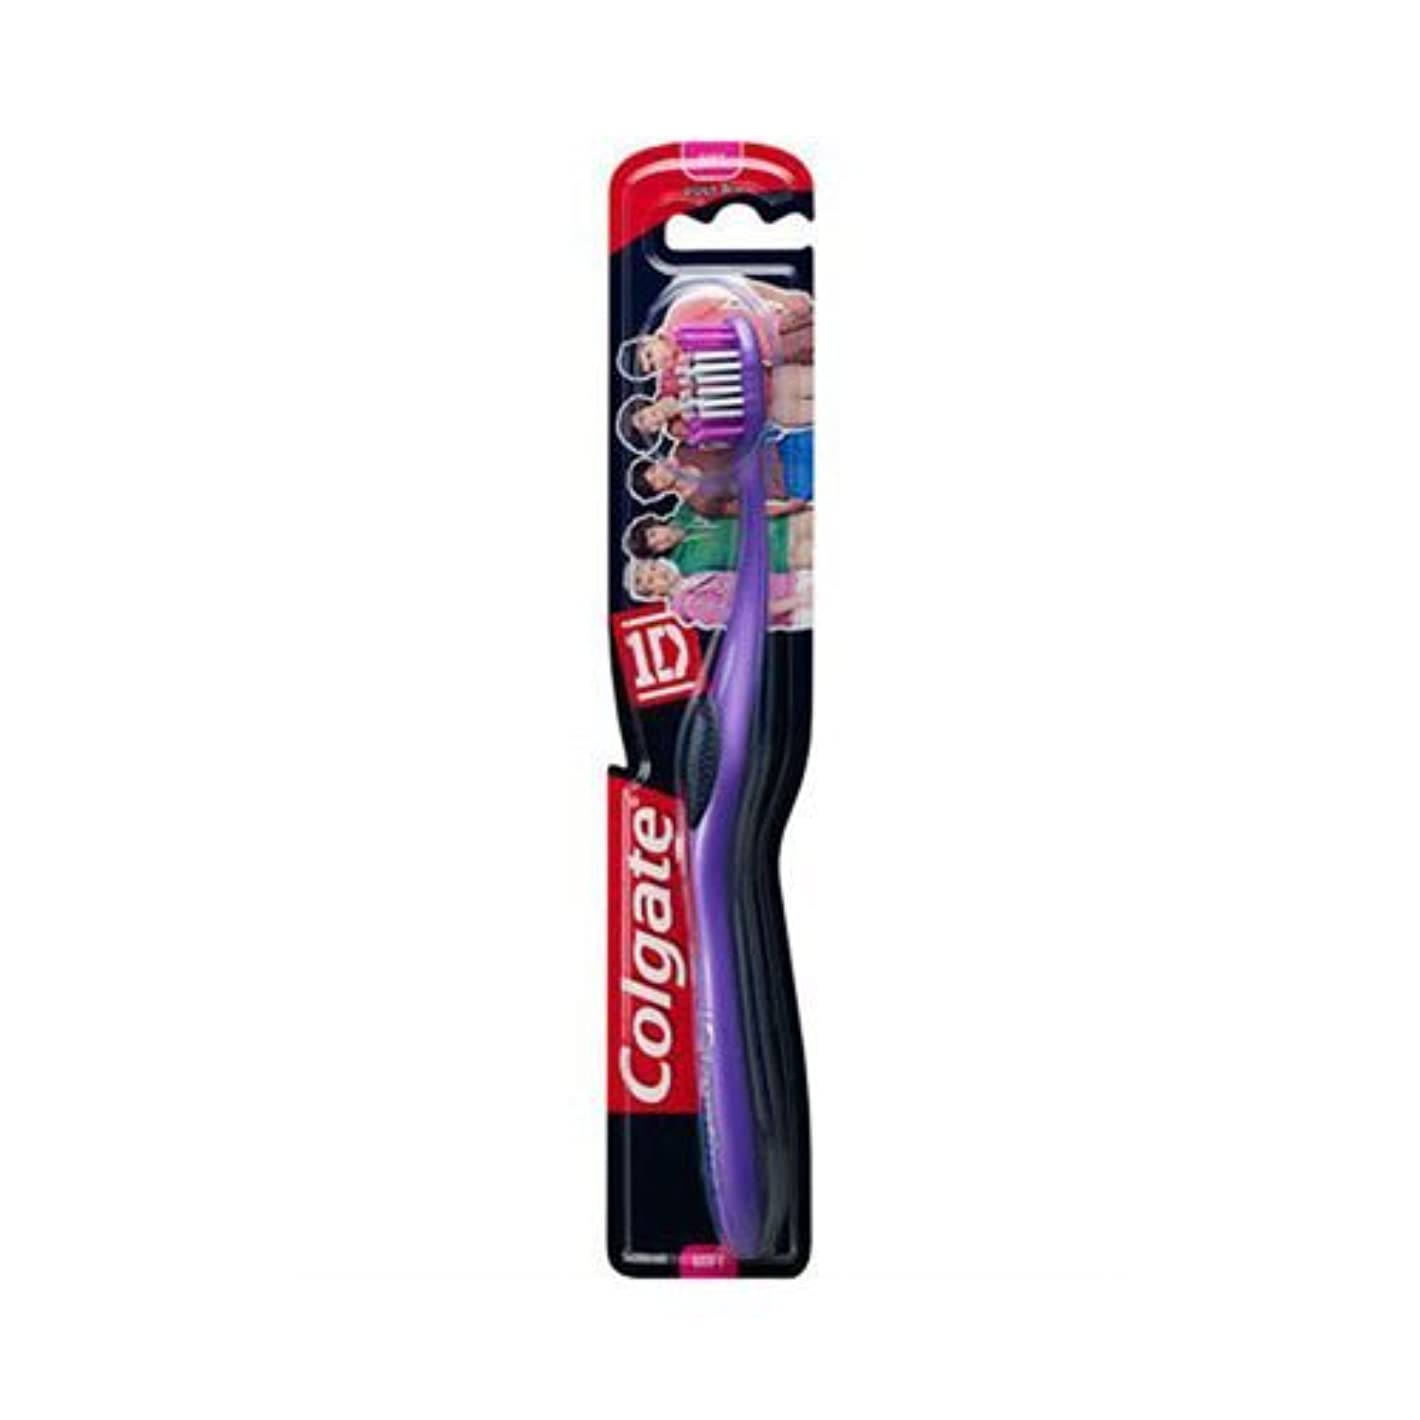 眩惑する余分な司令官Colgate 1d (One Direction) Maxfresh Soft Toothbrush Age 8+ by Colgate [並行輸入品]